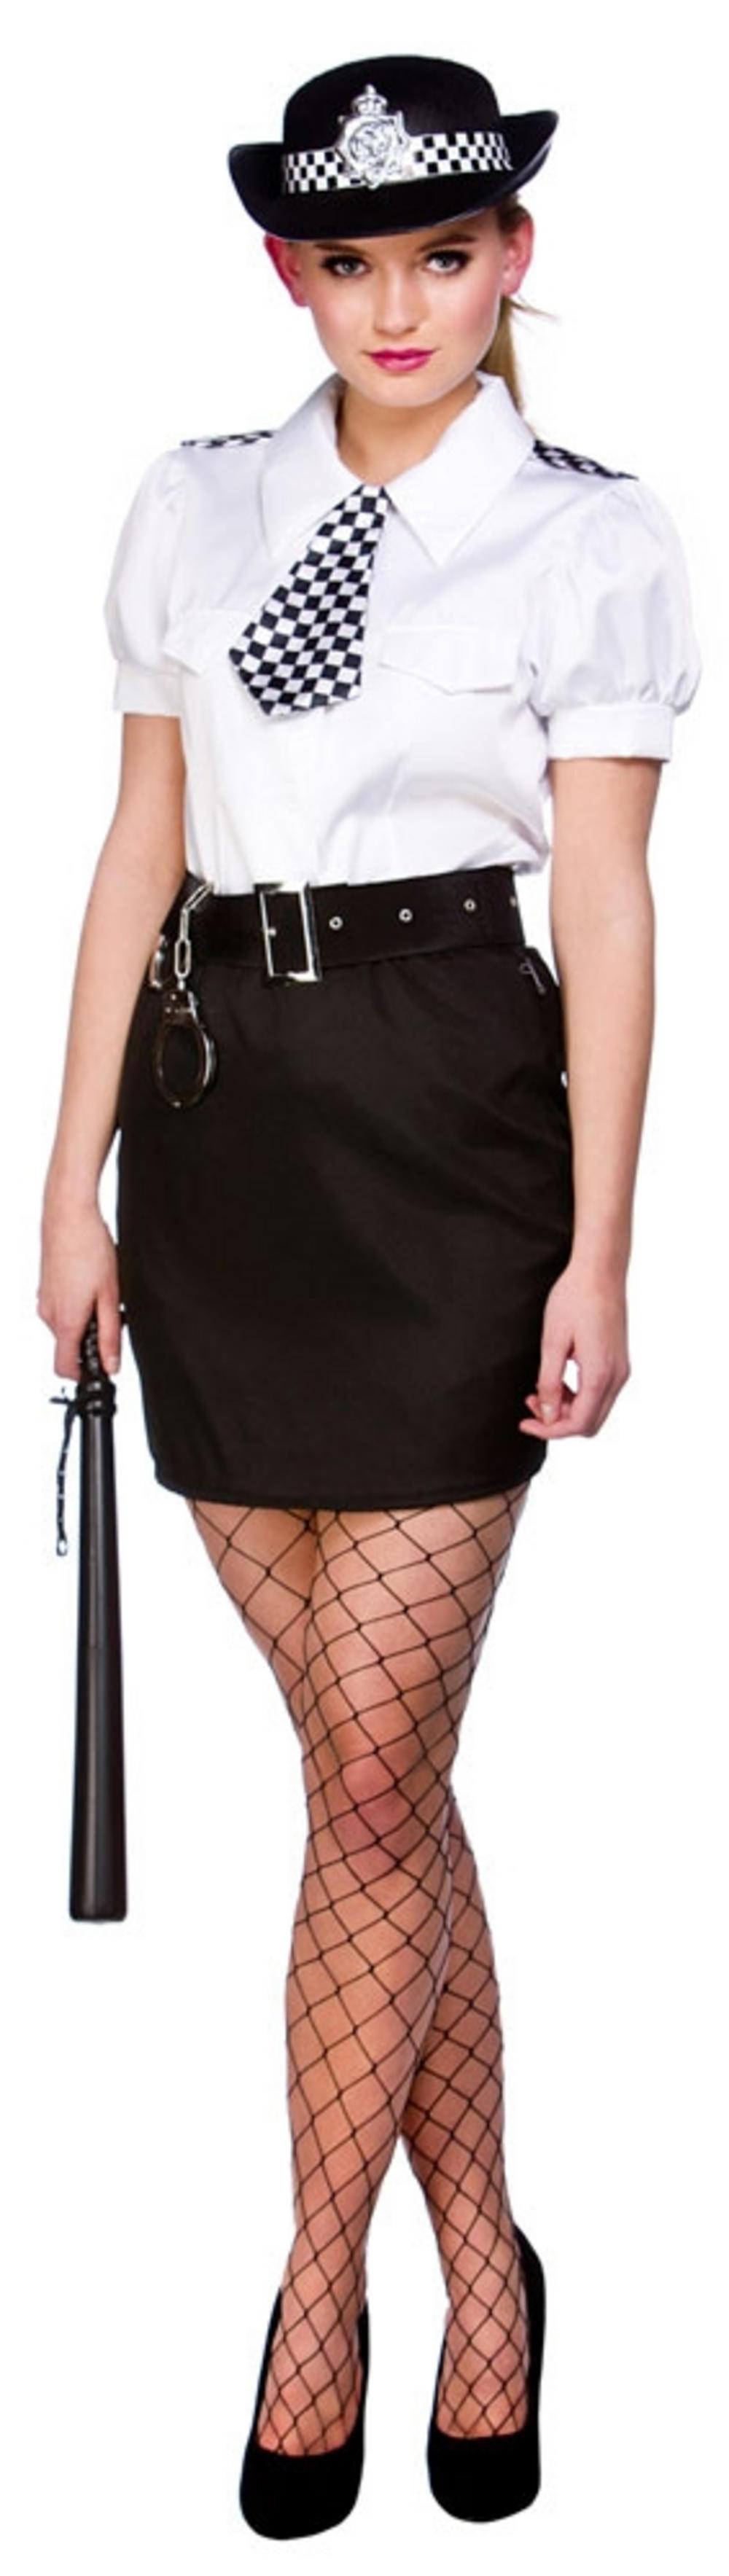 Constable Cutie Costume